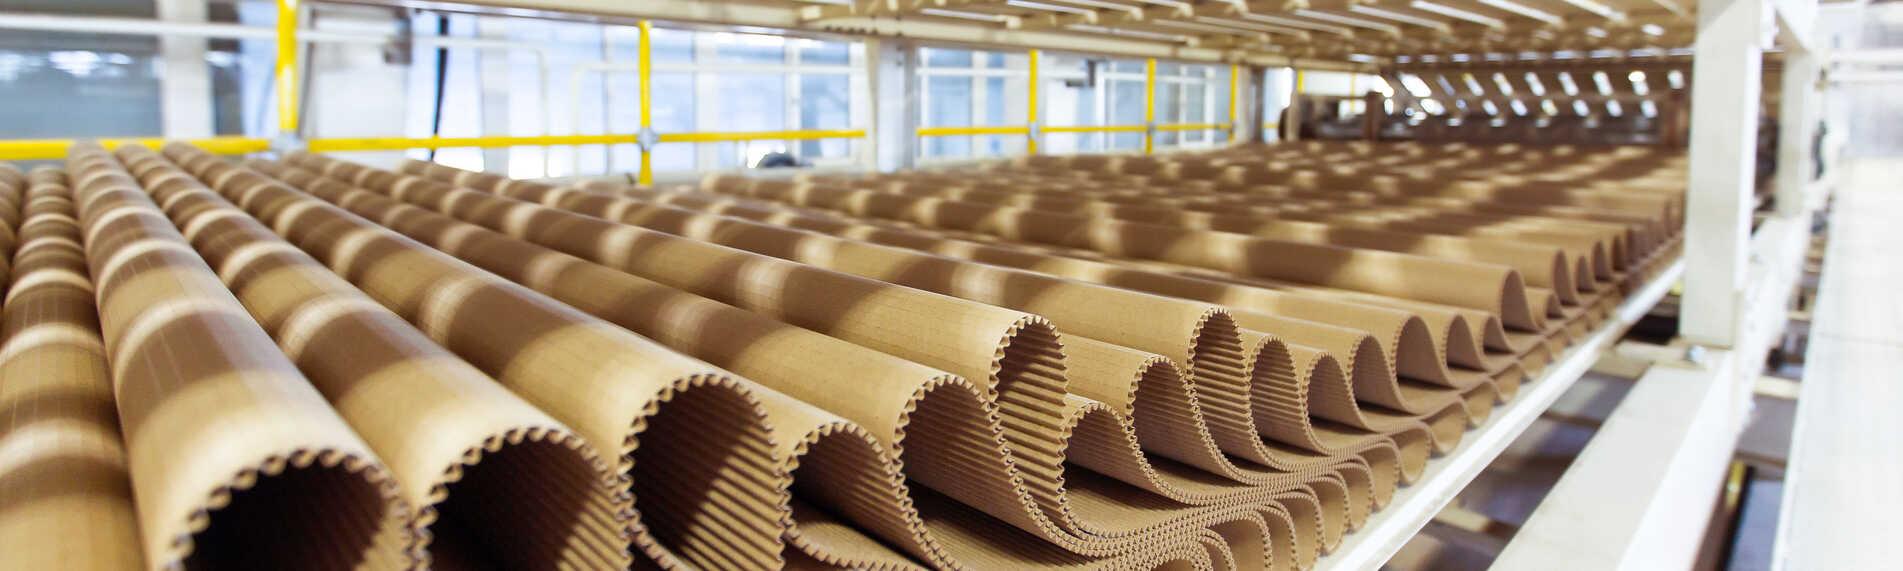 Emballageproduktioner undgår væsentlige skader med den rette luftfugtighed